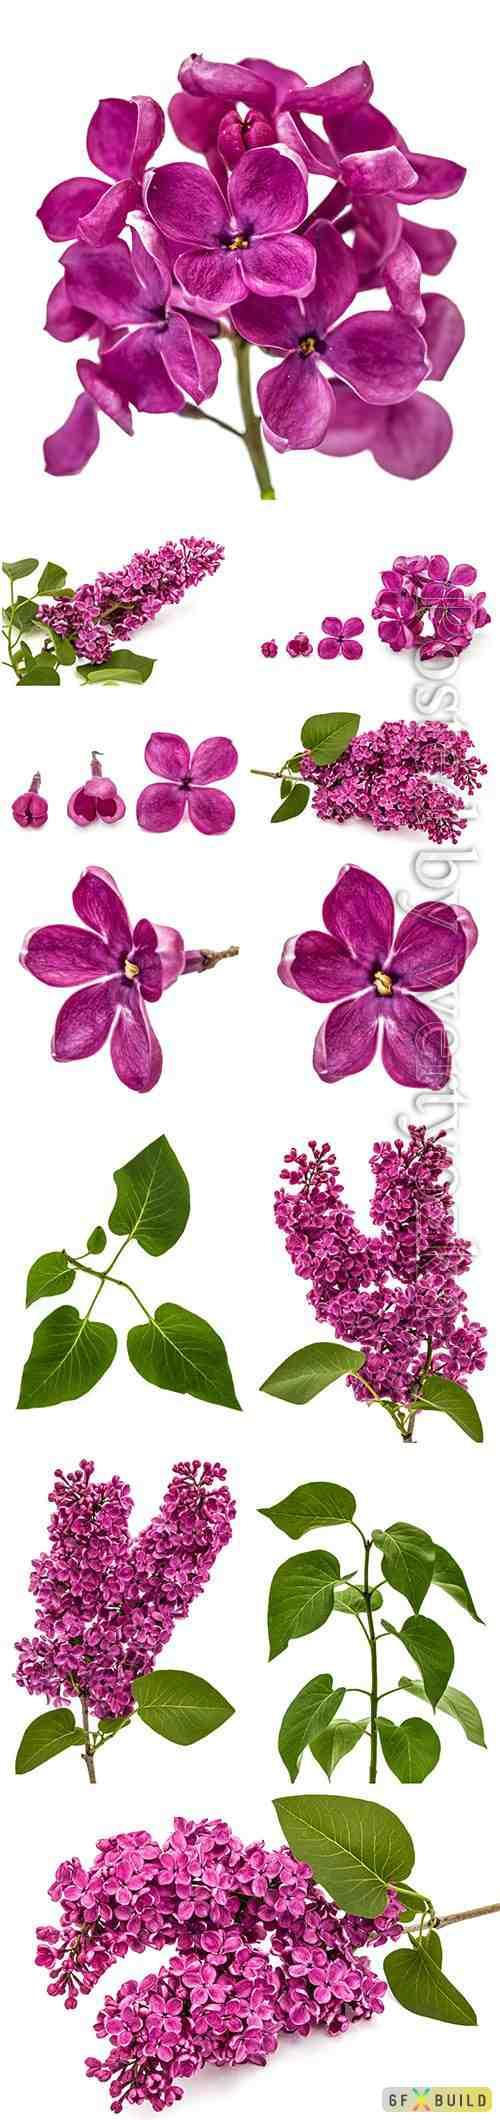 Lilac beautiful stock photo